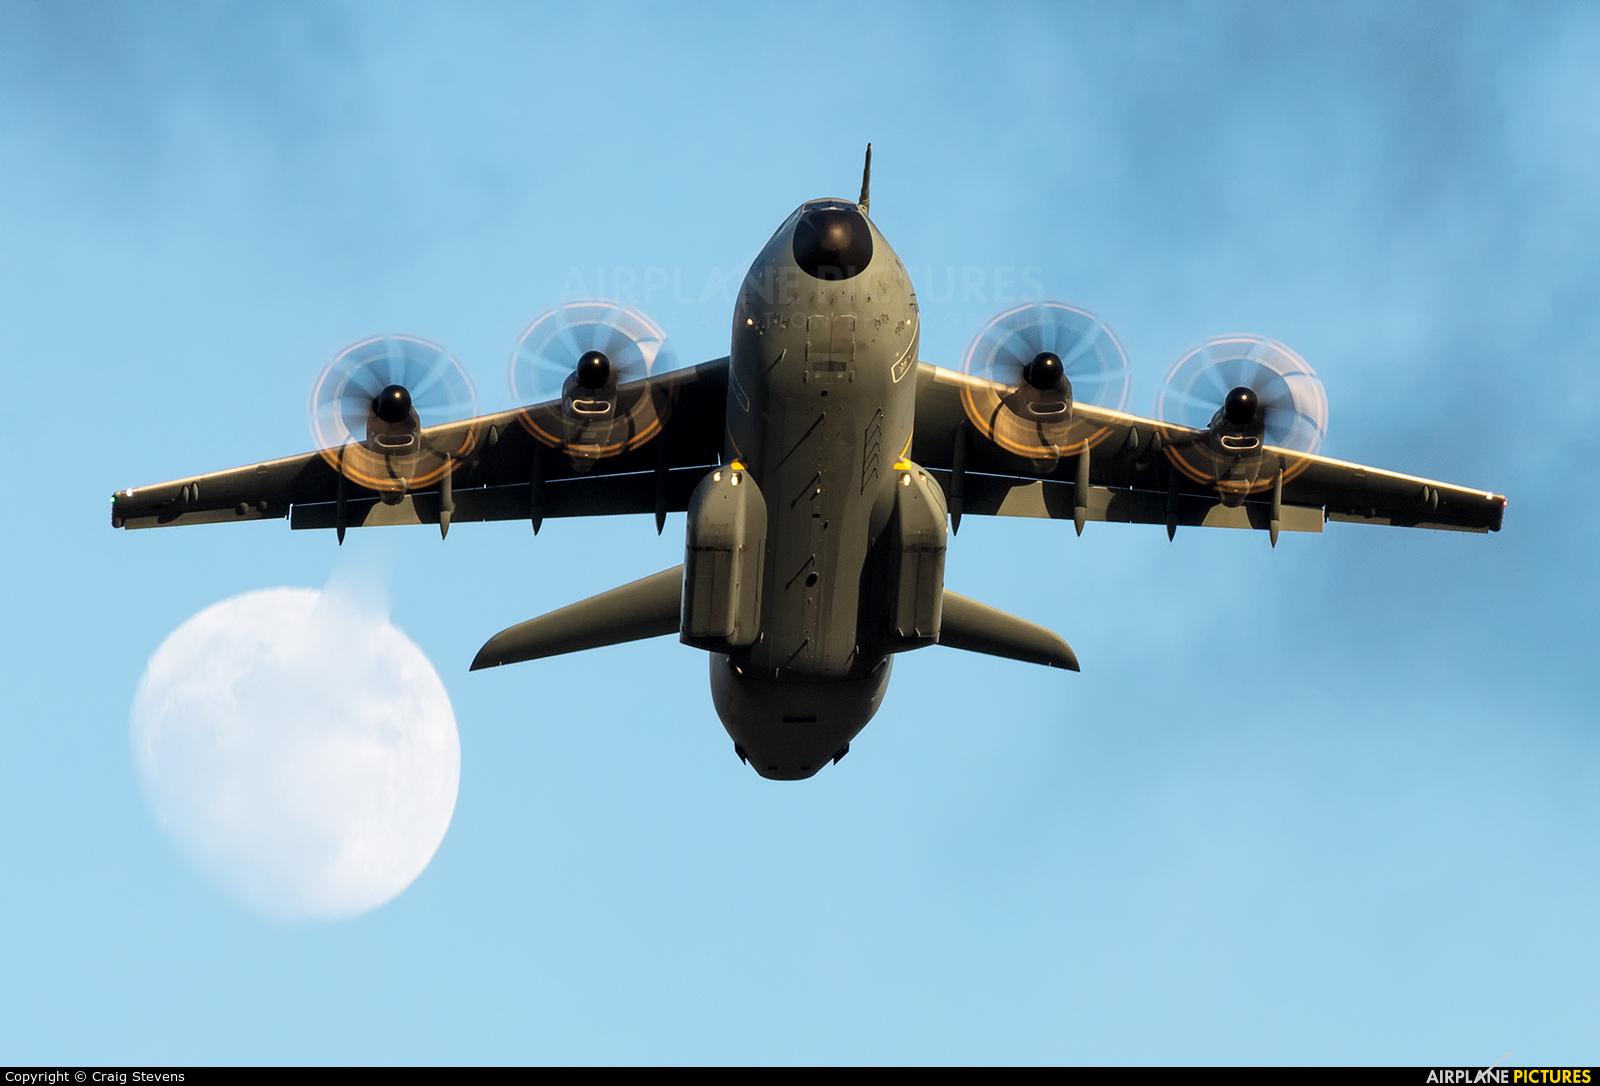 Royal Air Force ZM409 aircraft at Exeter